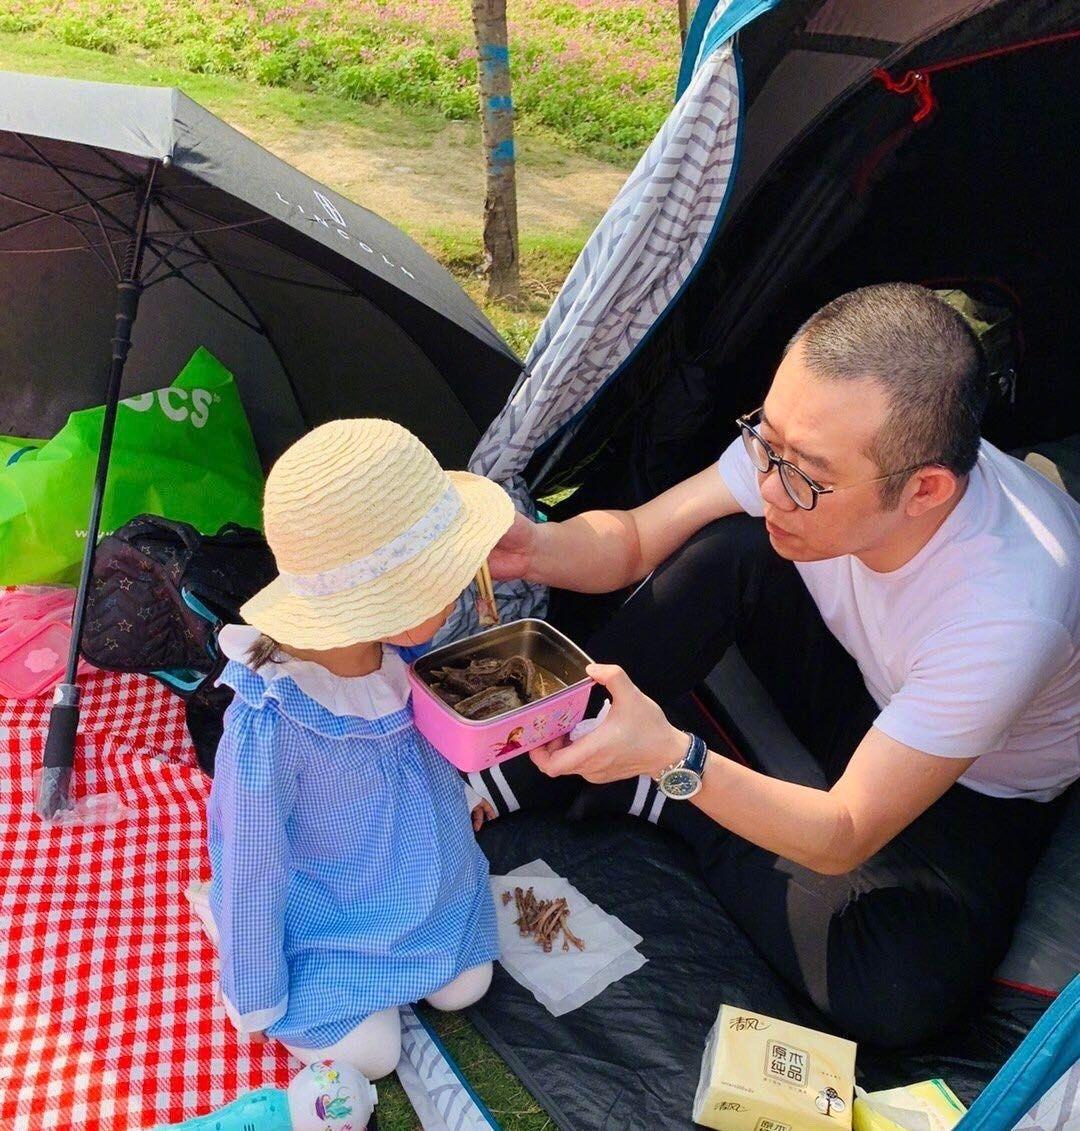 涂磊带家人游成都,小樱桃坐爸爸肩上超有爱,涂老师全程照顾女儿